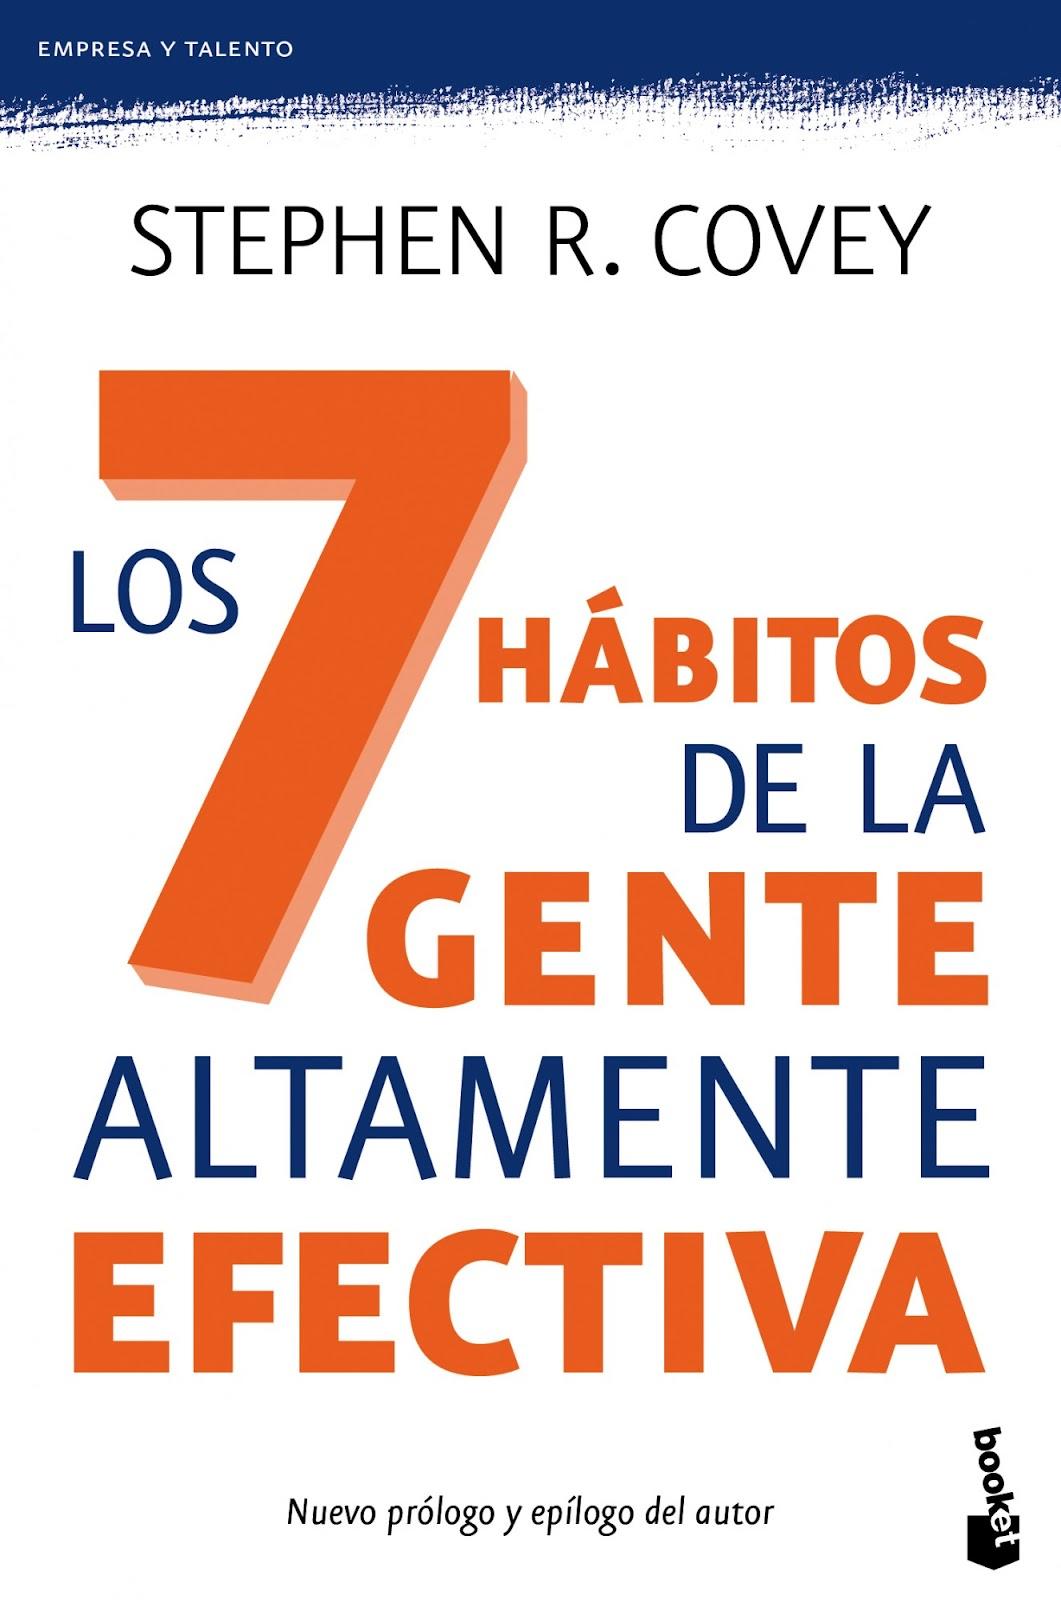 Reseña de Libros: Los 7 Hábitos de la Gente Altamente